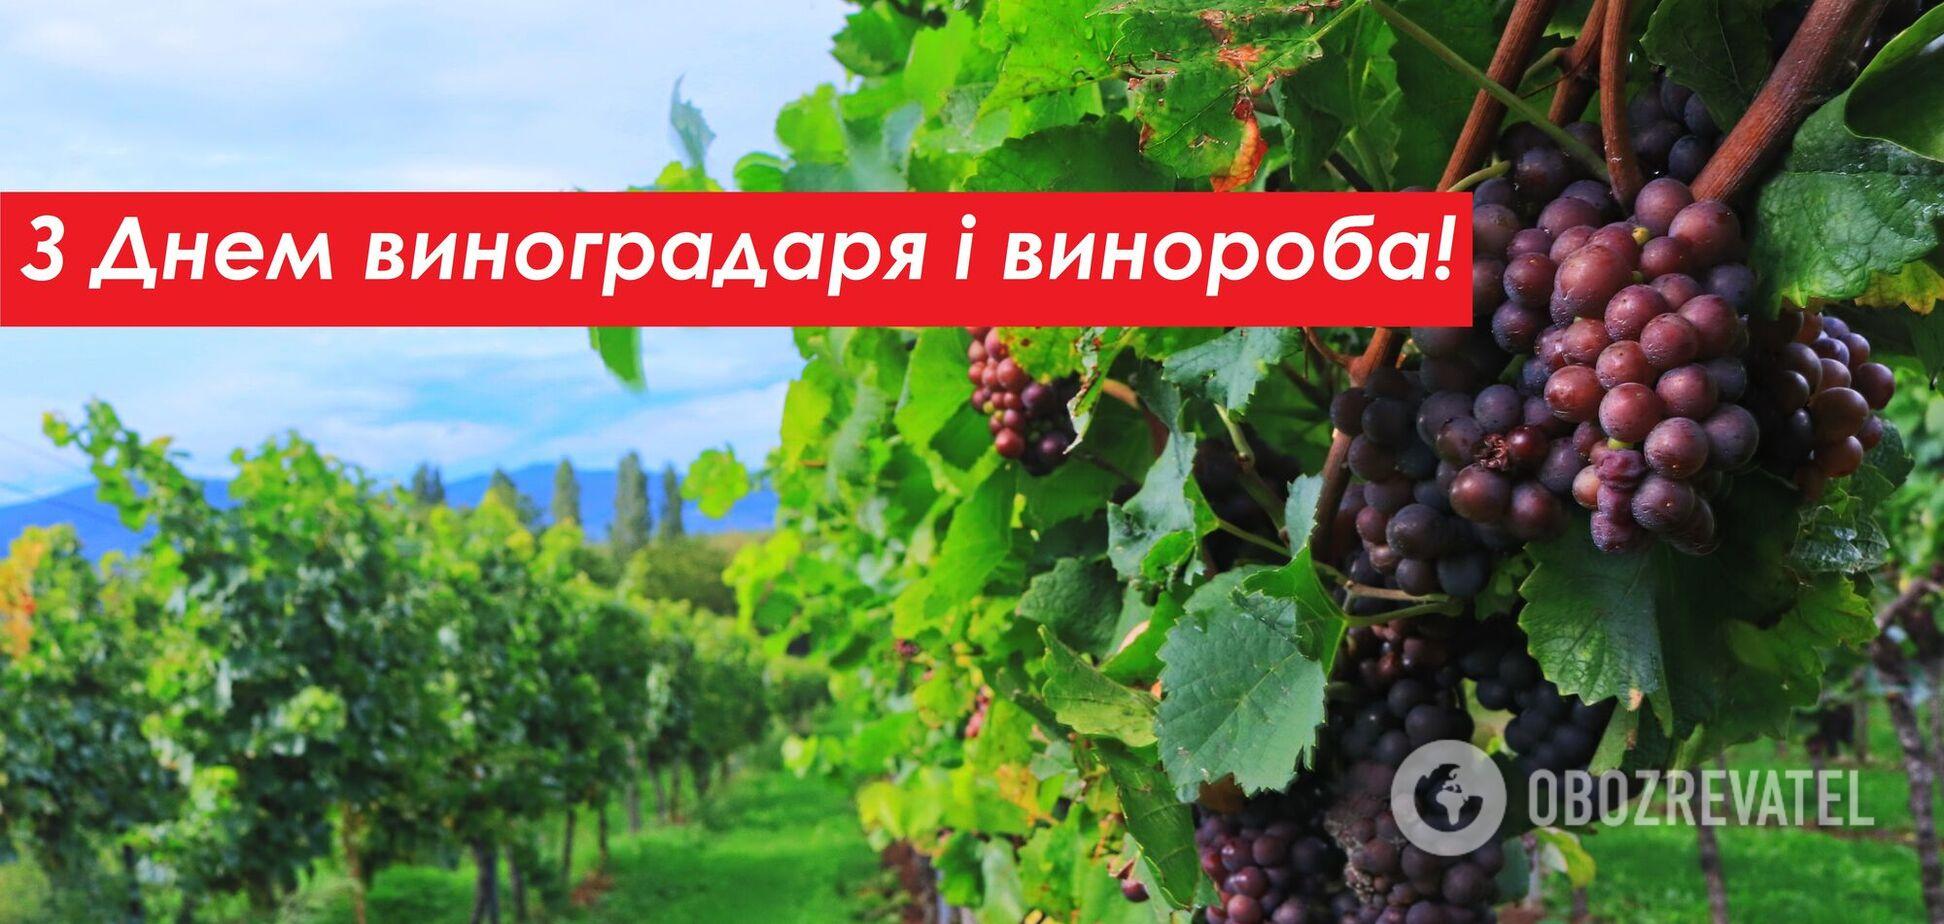 День виноградаря и винодела был основан в 2020 году